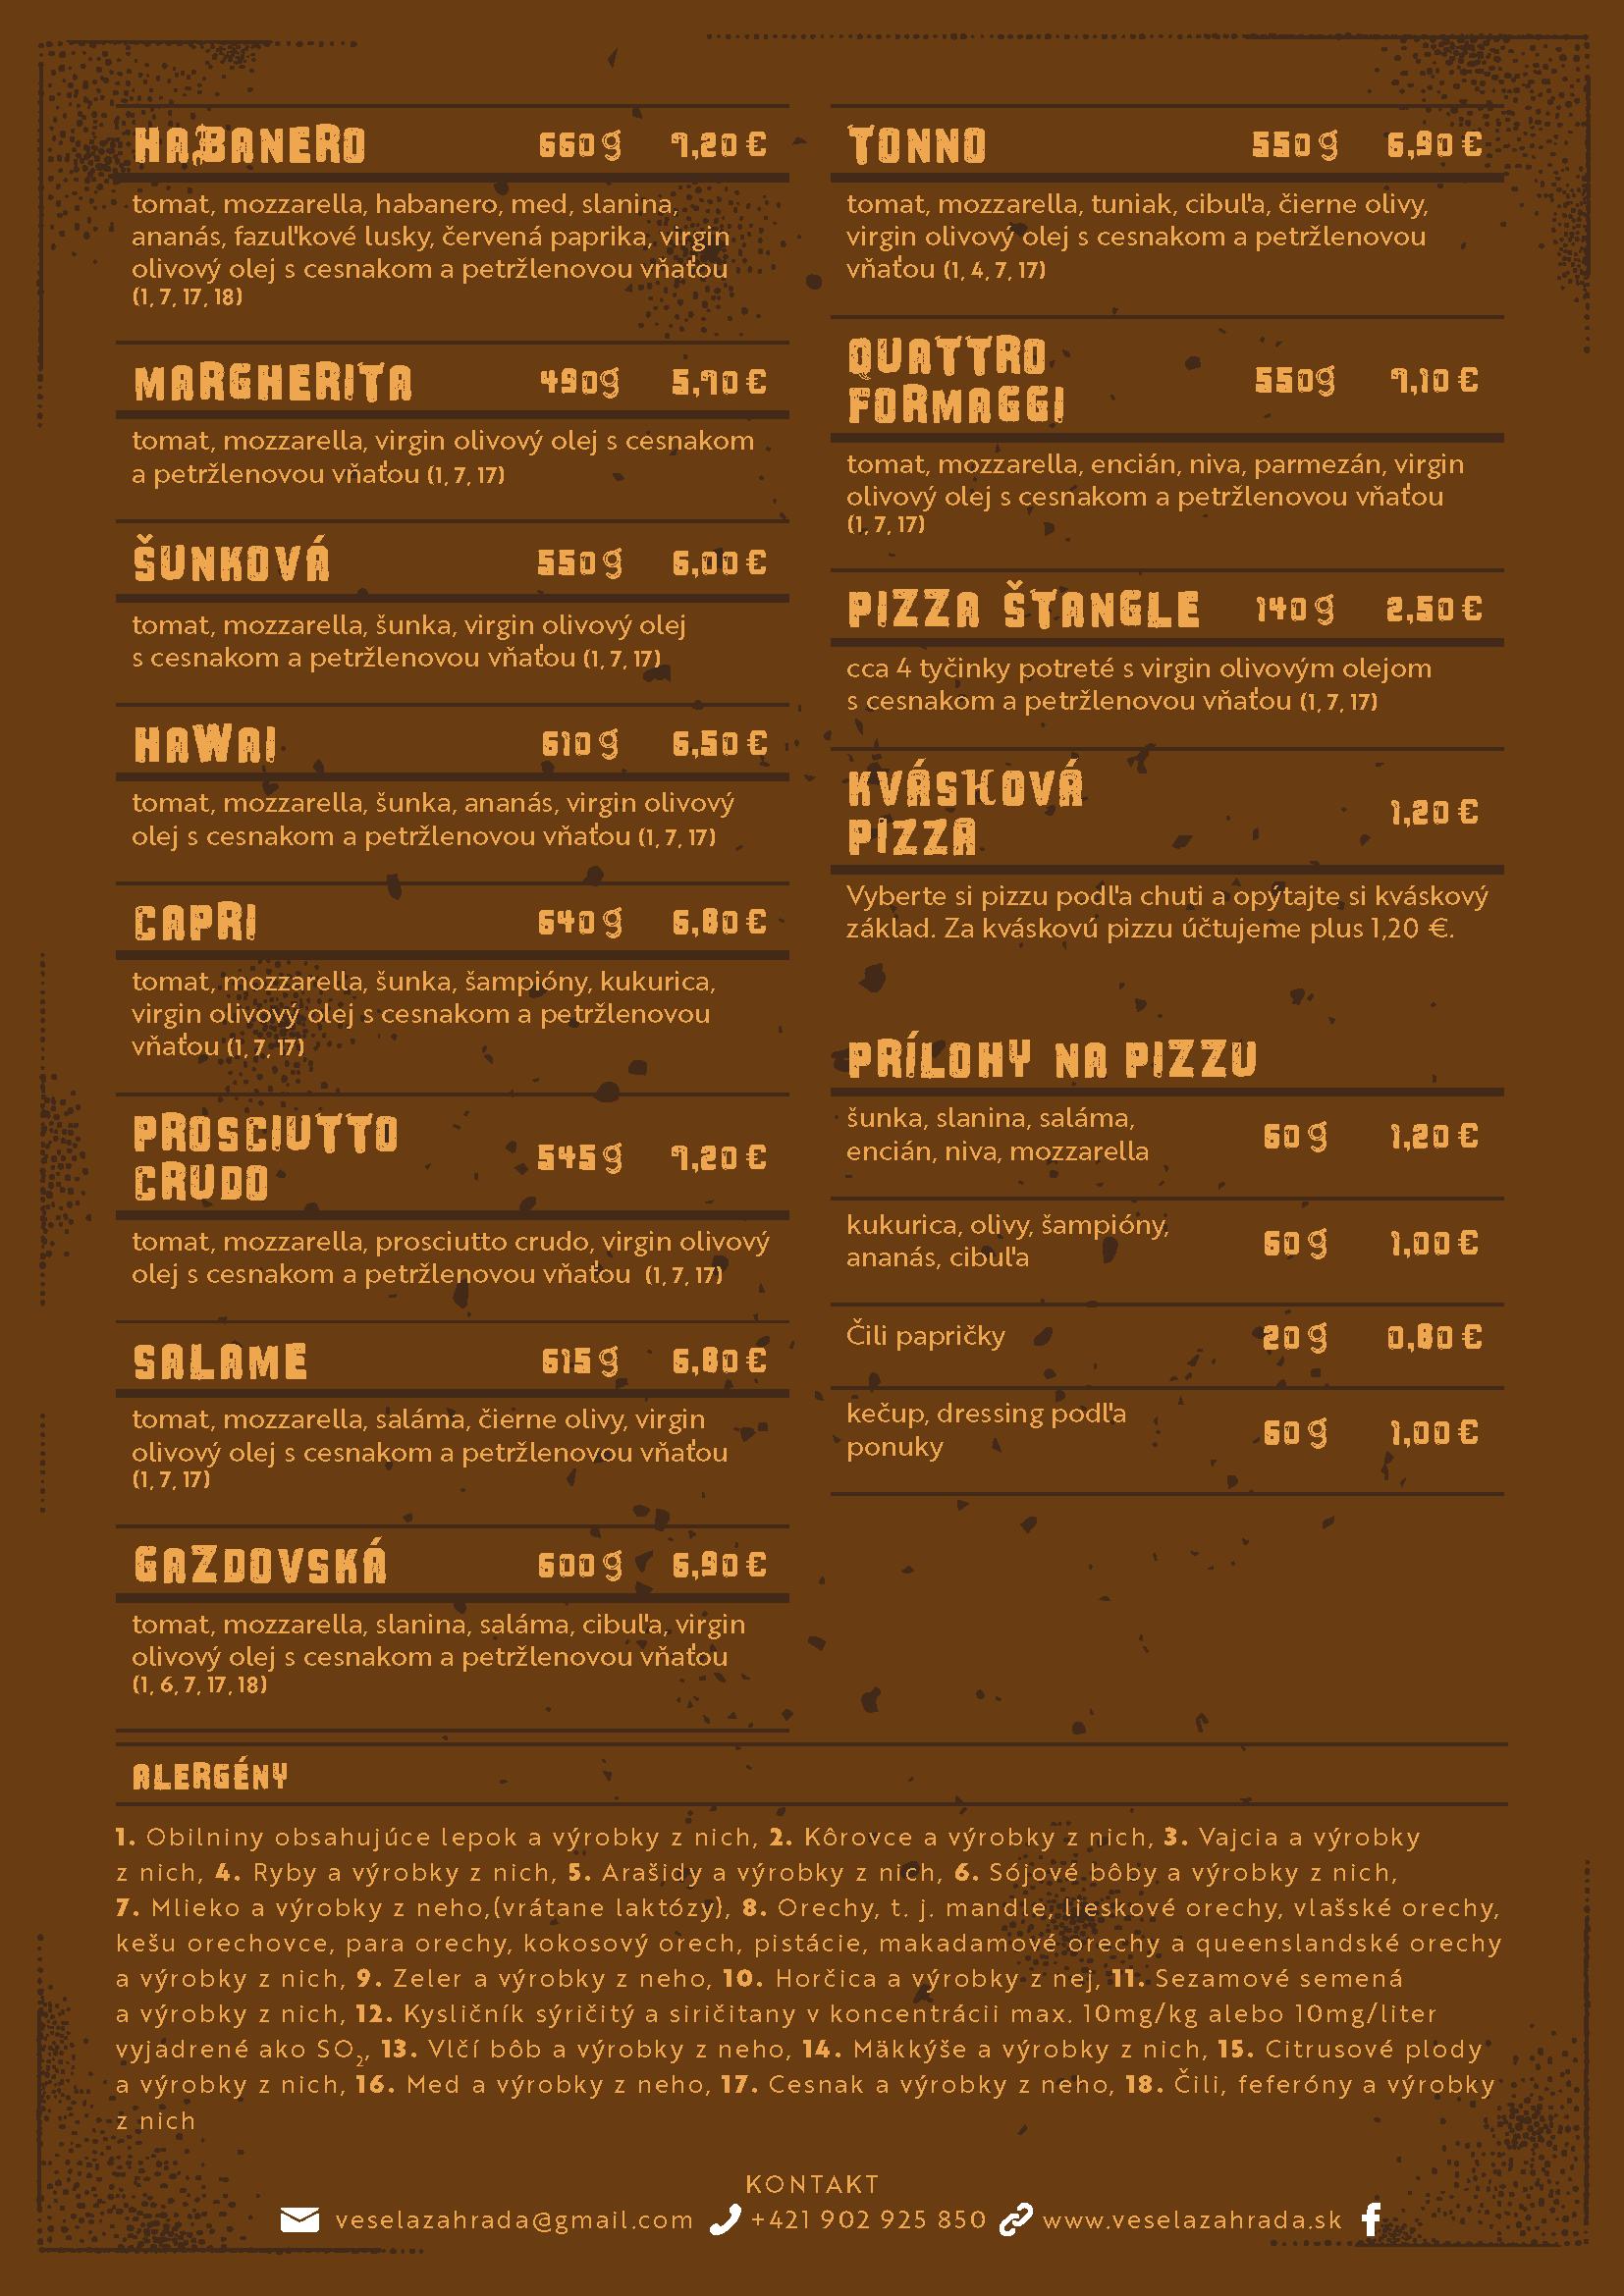 vesela_zahrada_pizza_menu_A4_screen_3_Strana_2png